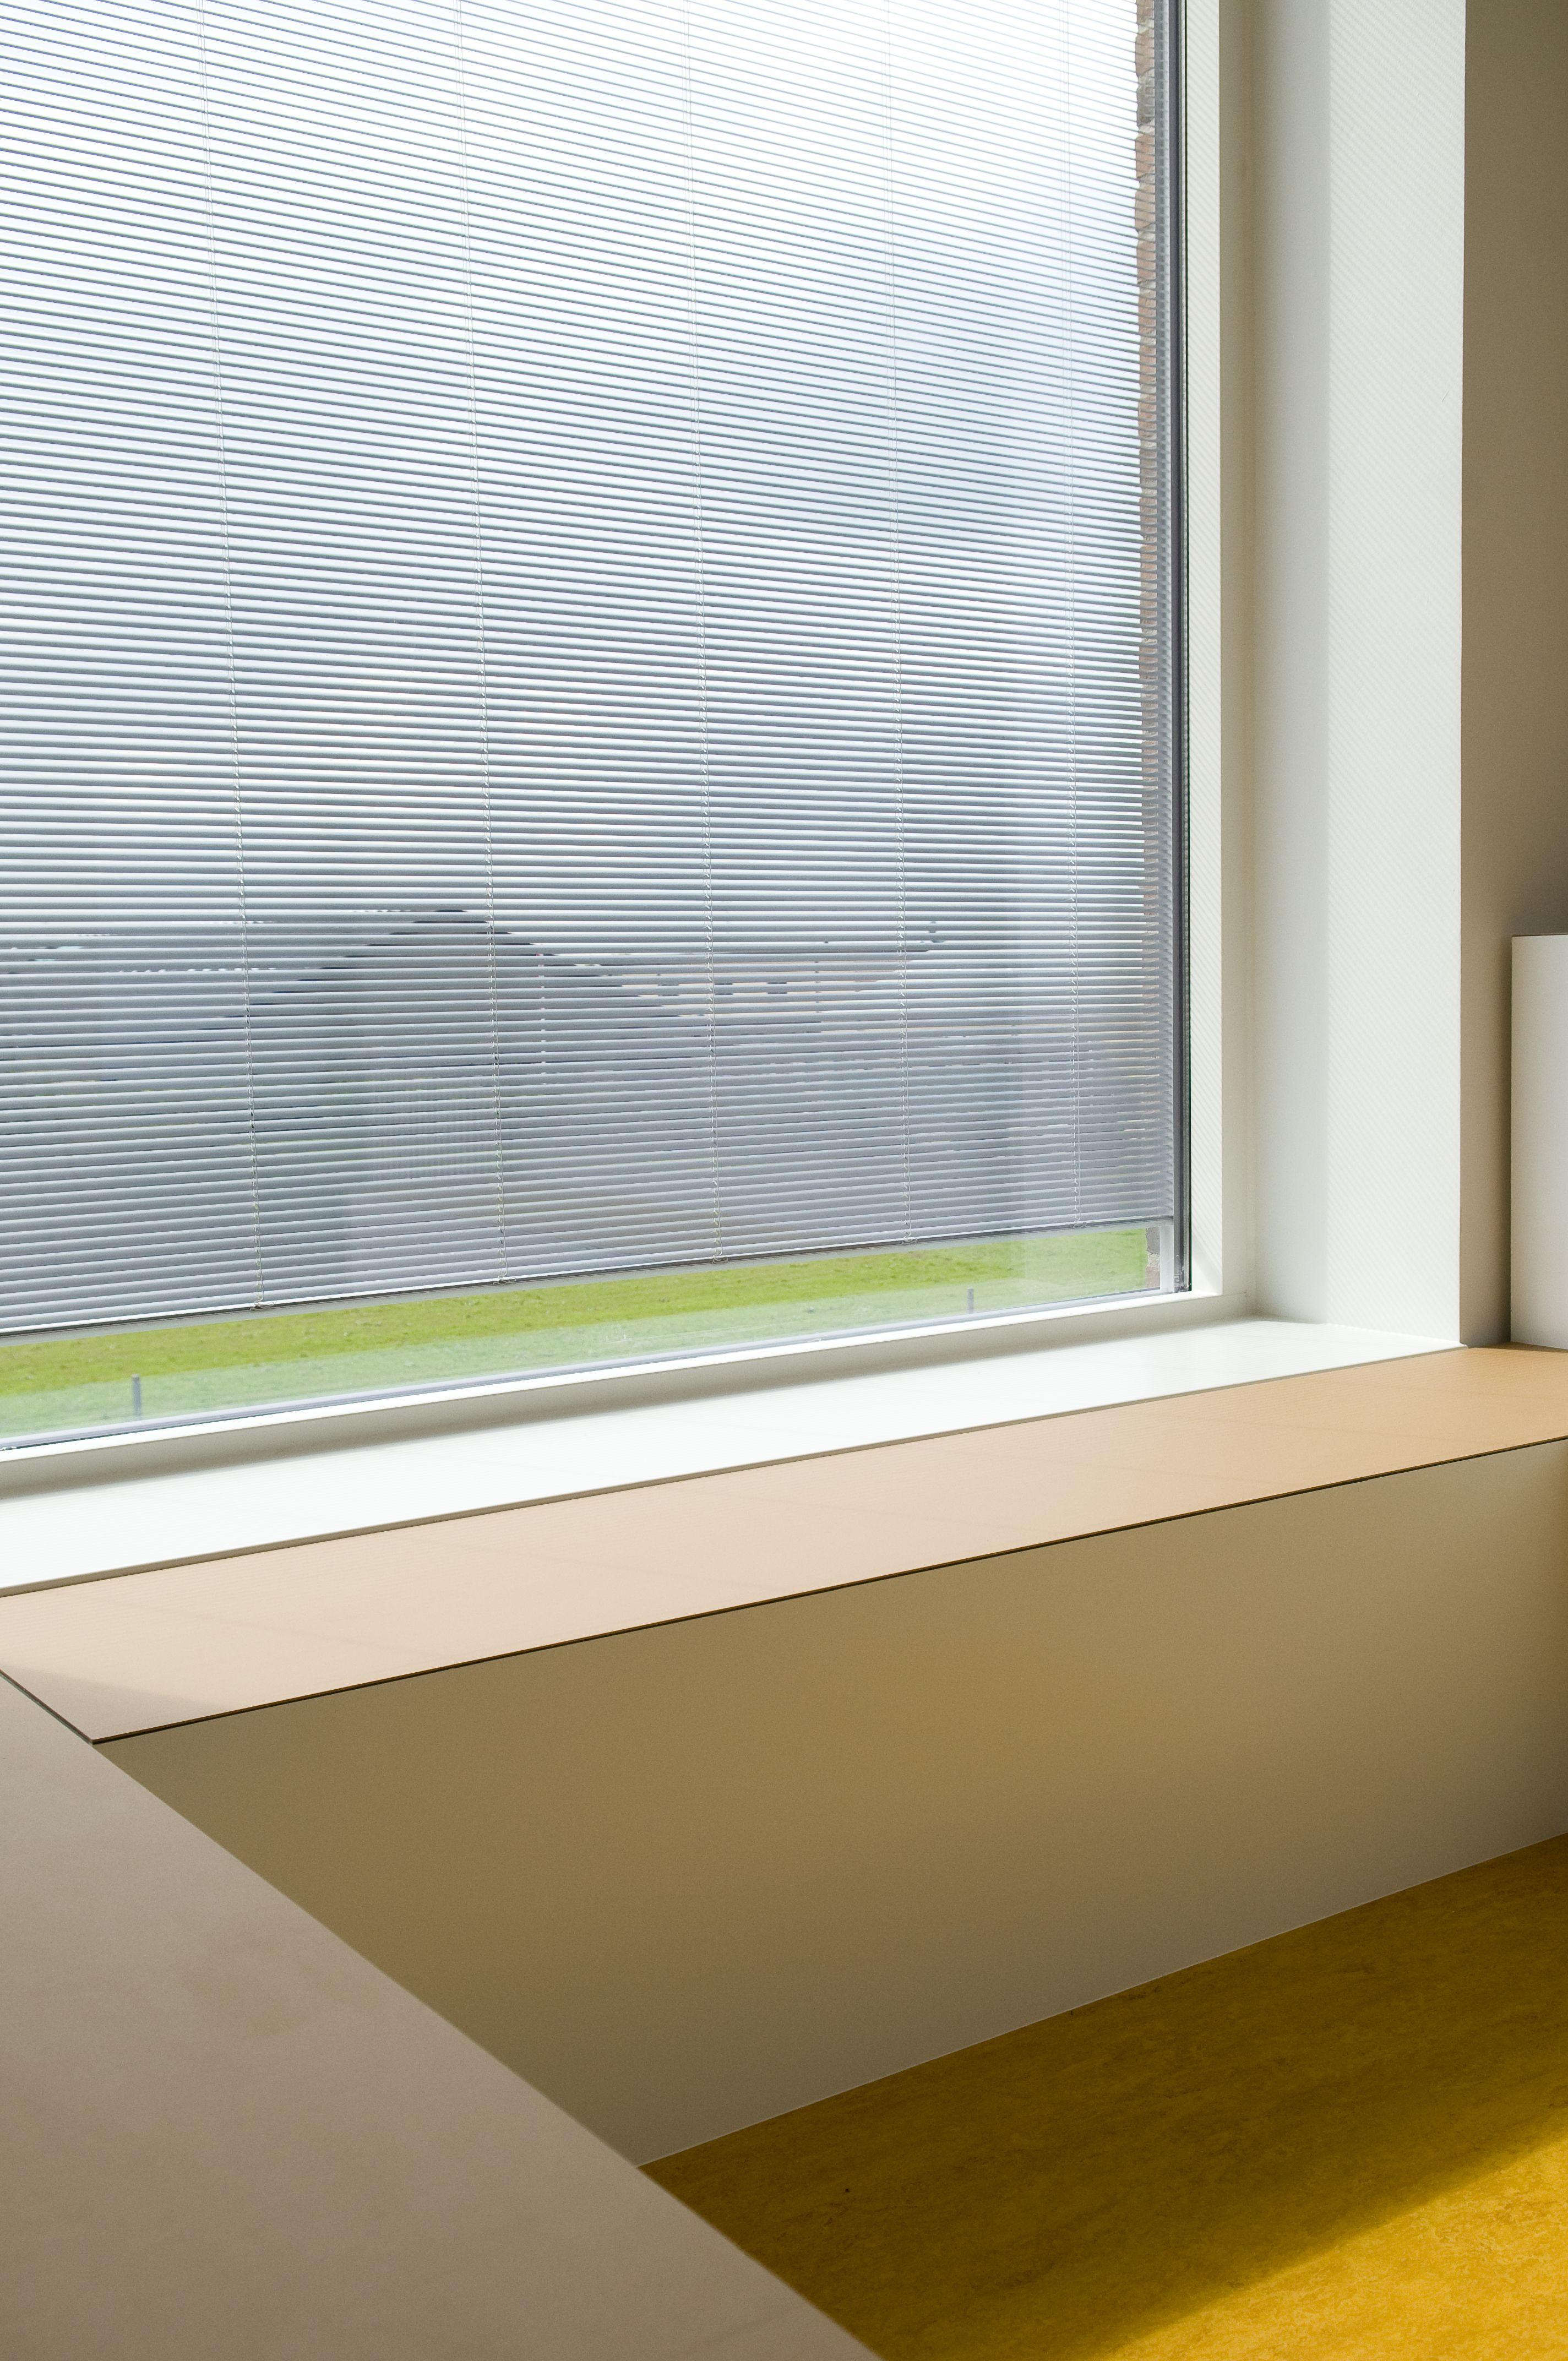 Sundhedshus Pandrup – Friis & Moltke design A/S – architect MAA Mikkel Bahr – window section - #surface - #Desktop  – #Furniture Linoleum – #Forbo – #interior – #interiordesign